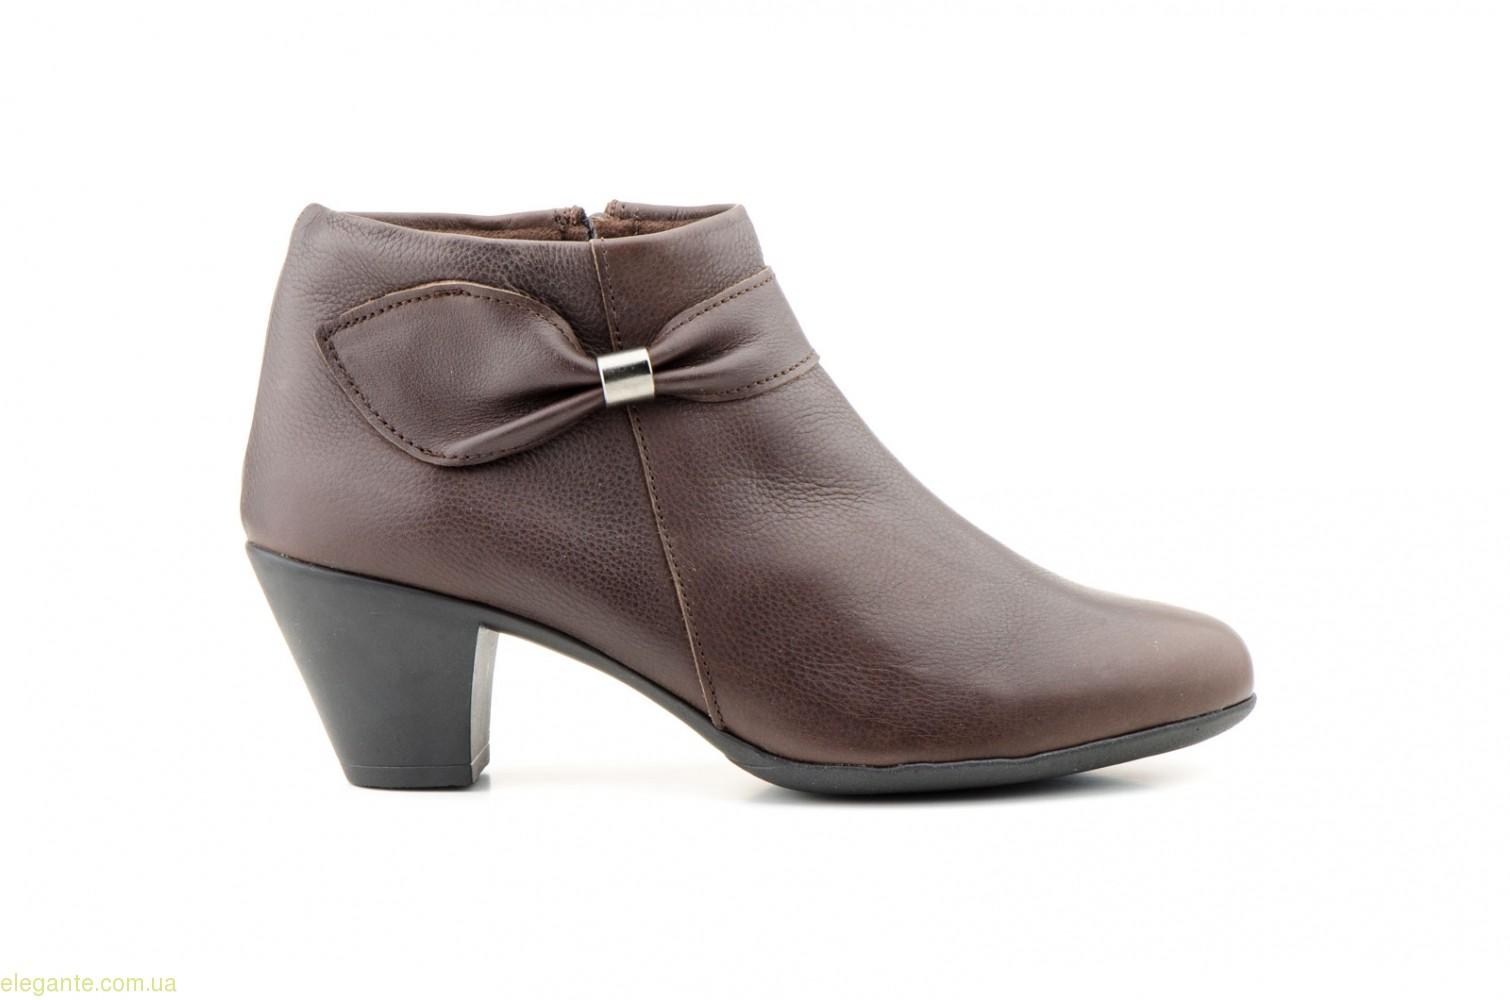 Жіночі черевики CUTILLAS коричневі 0